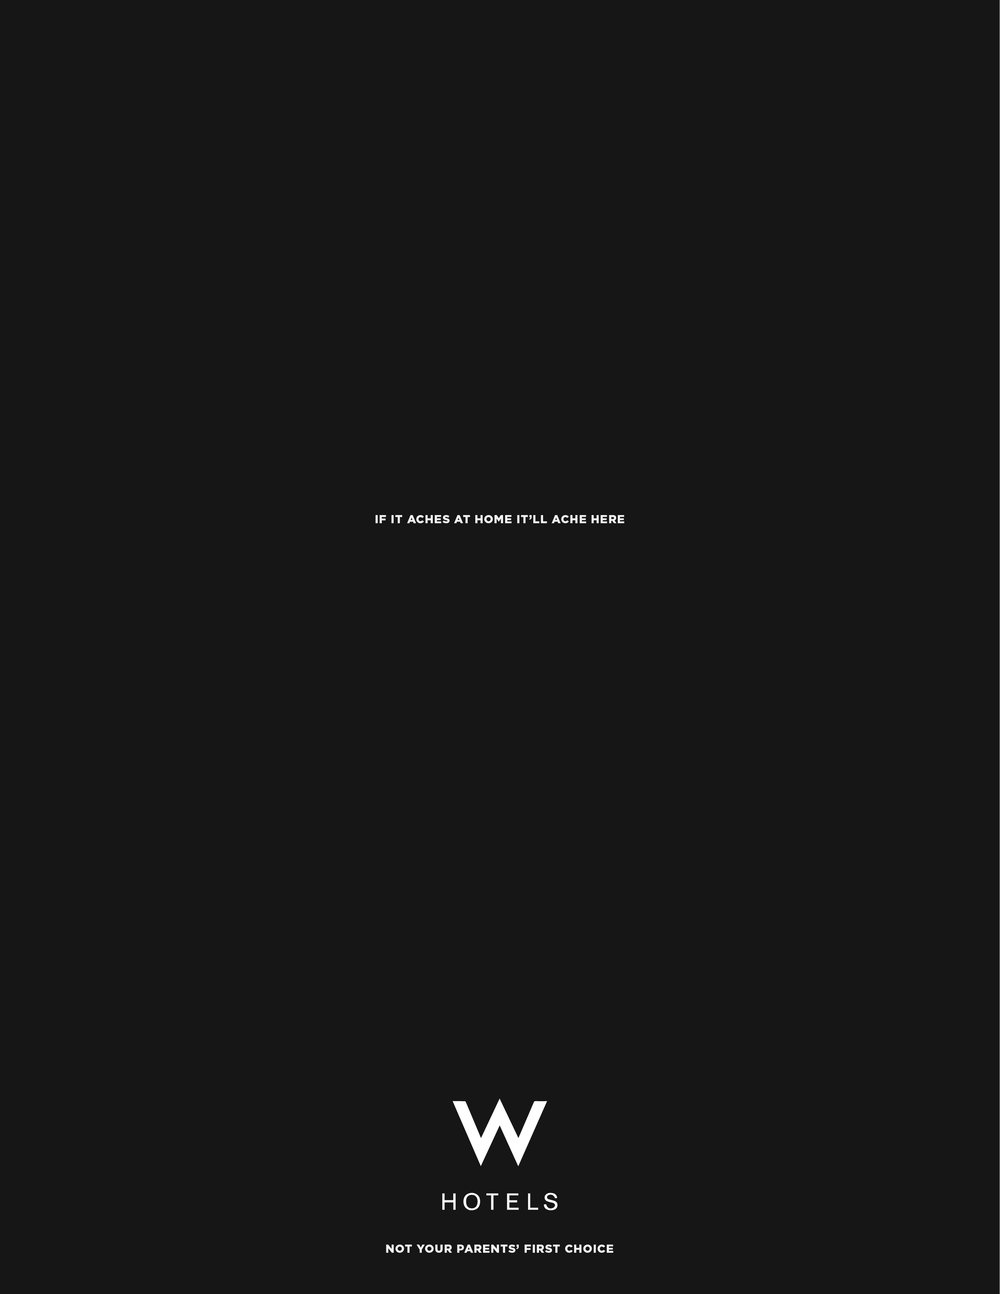 WAchesFinal.jpg